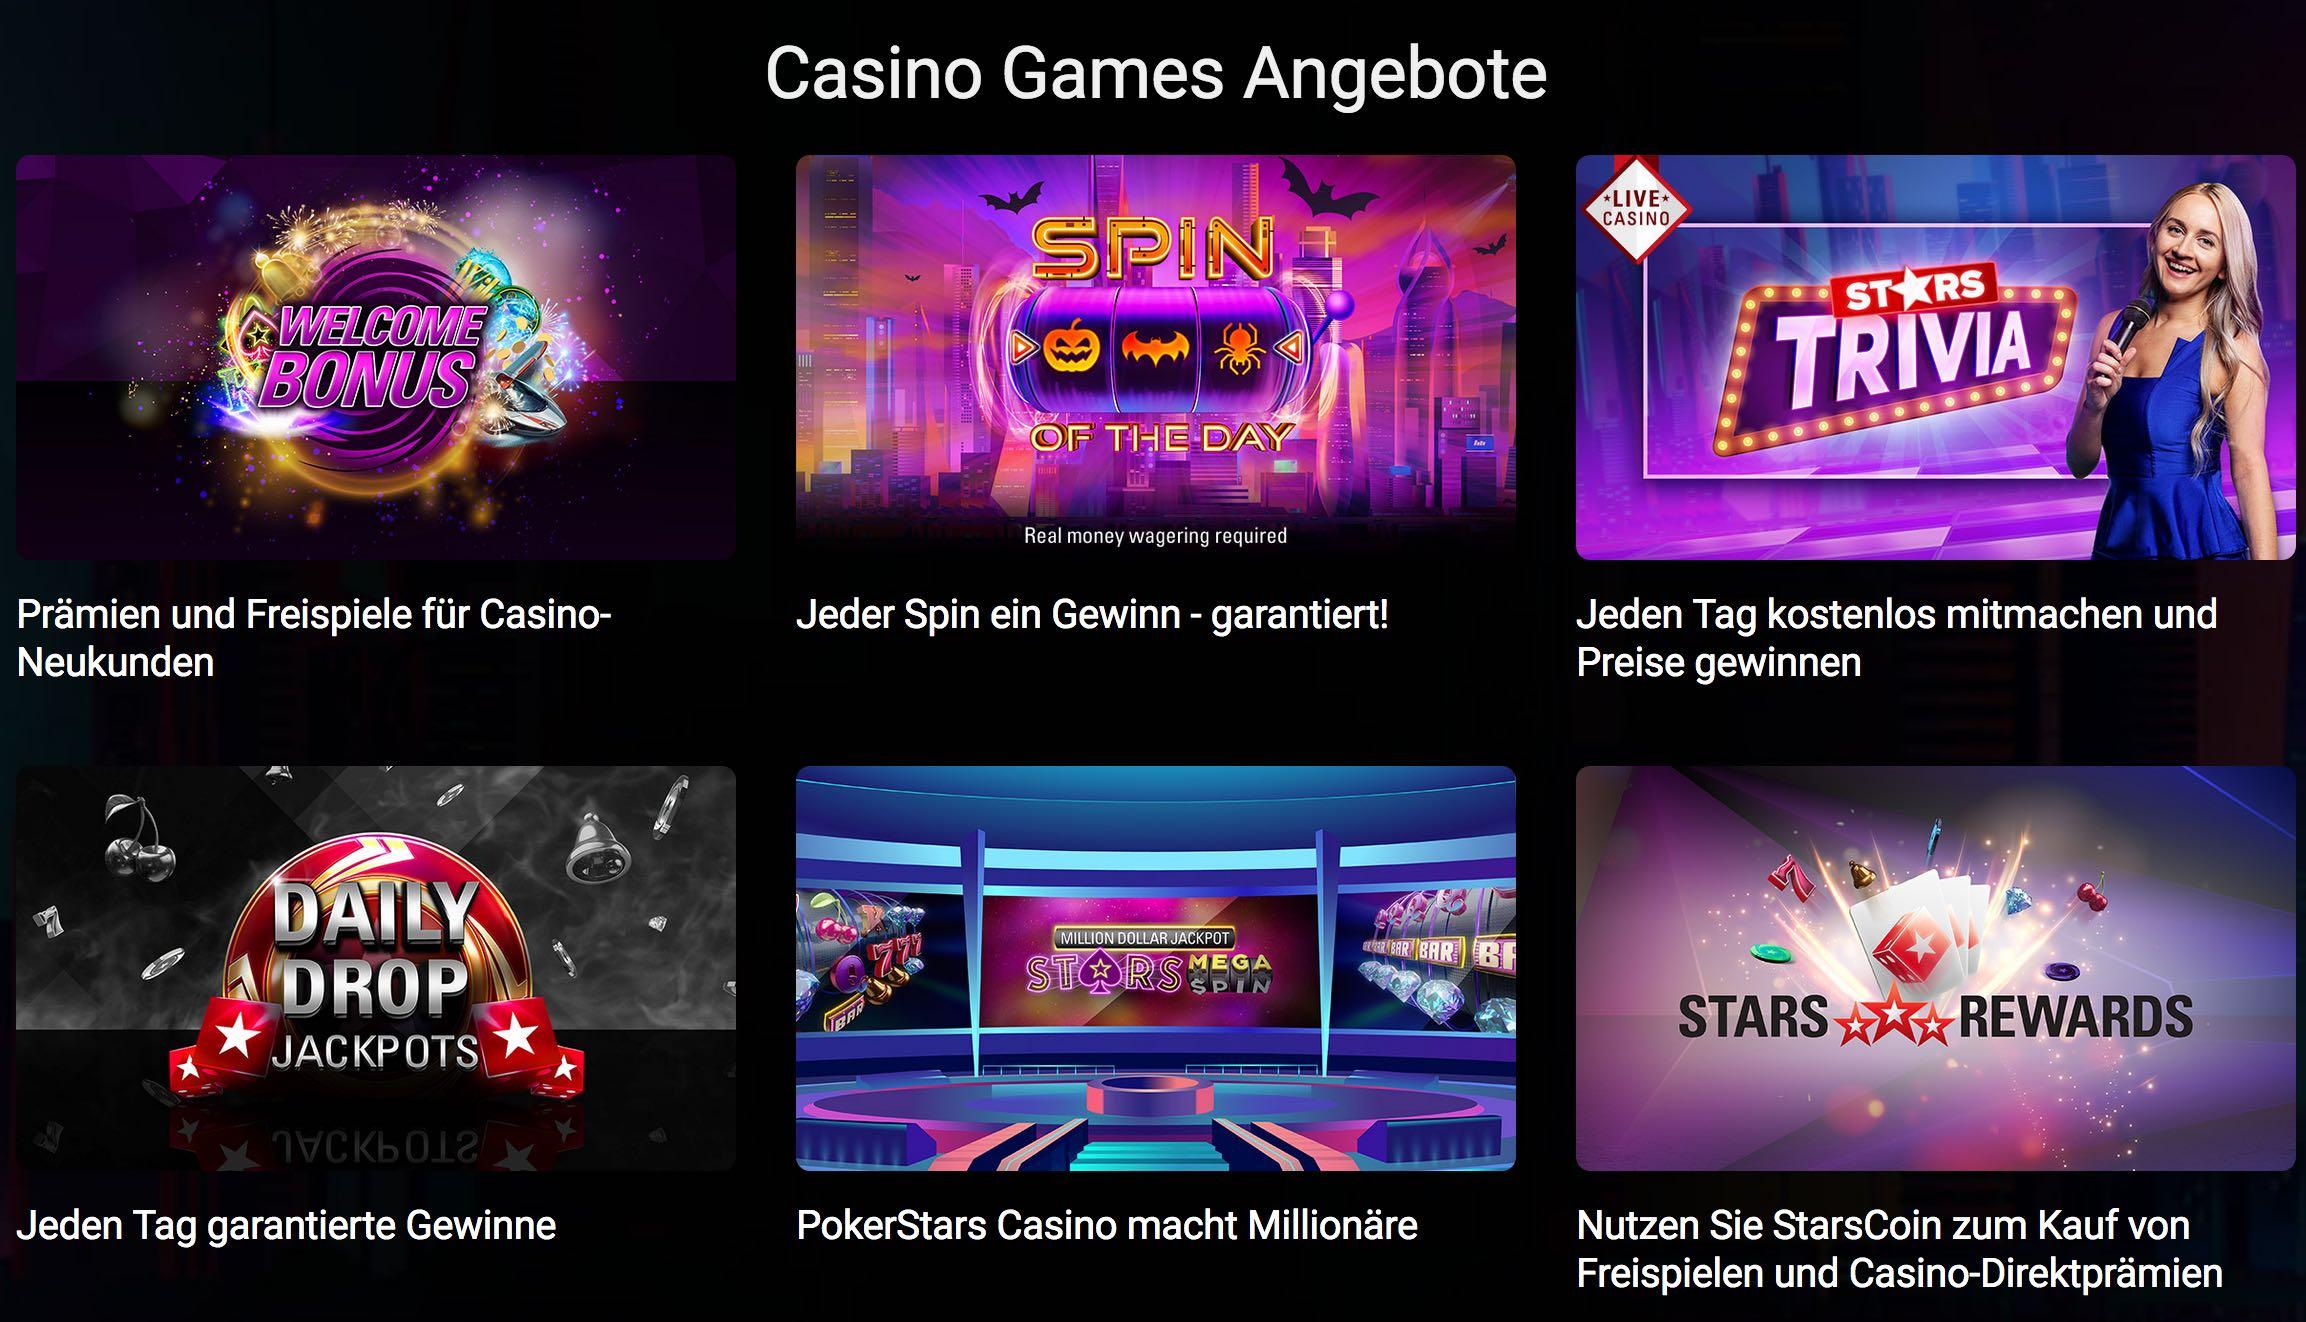 PokerStars Casino Games Angebote